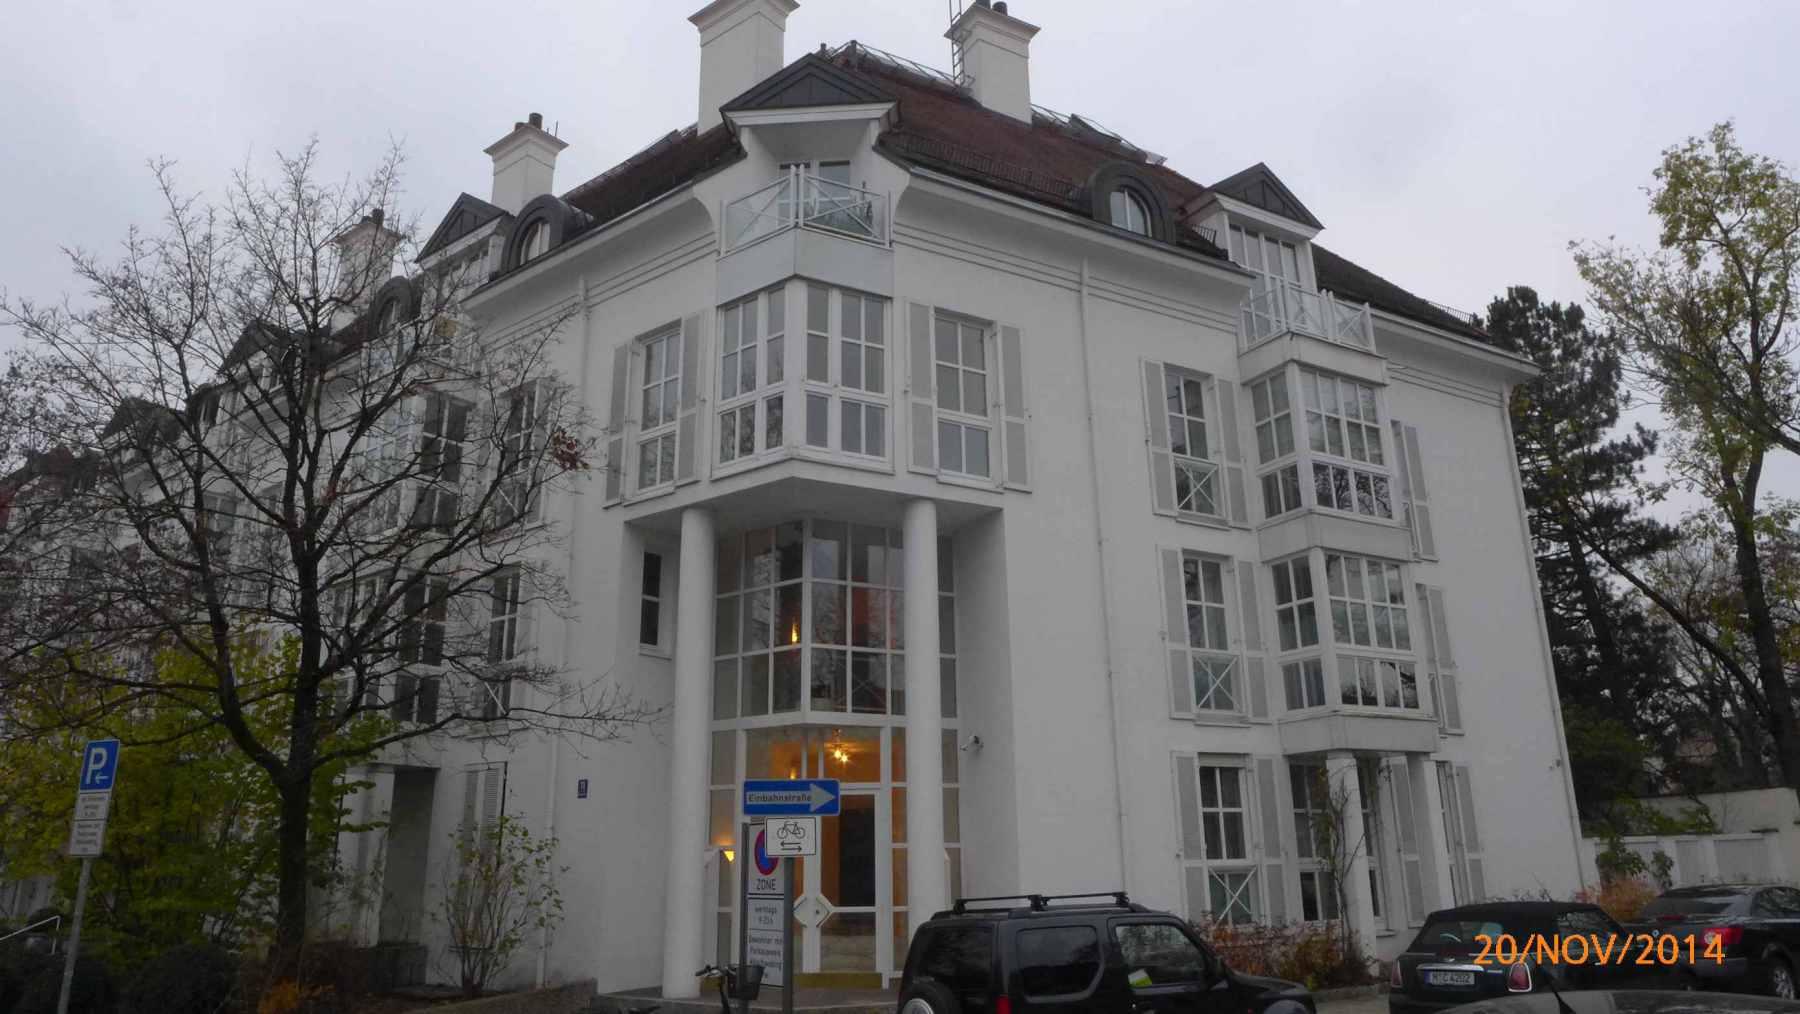 Denkmal-KFW-MÅnchen-2